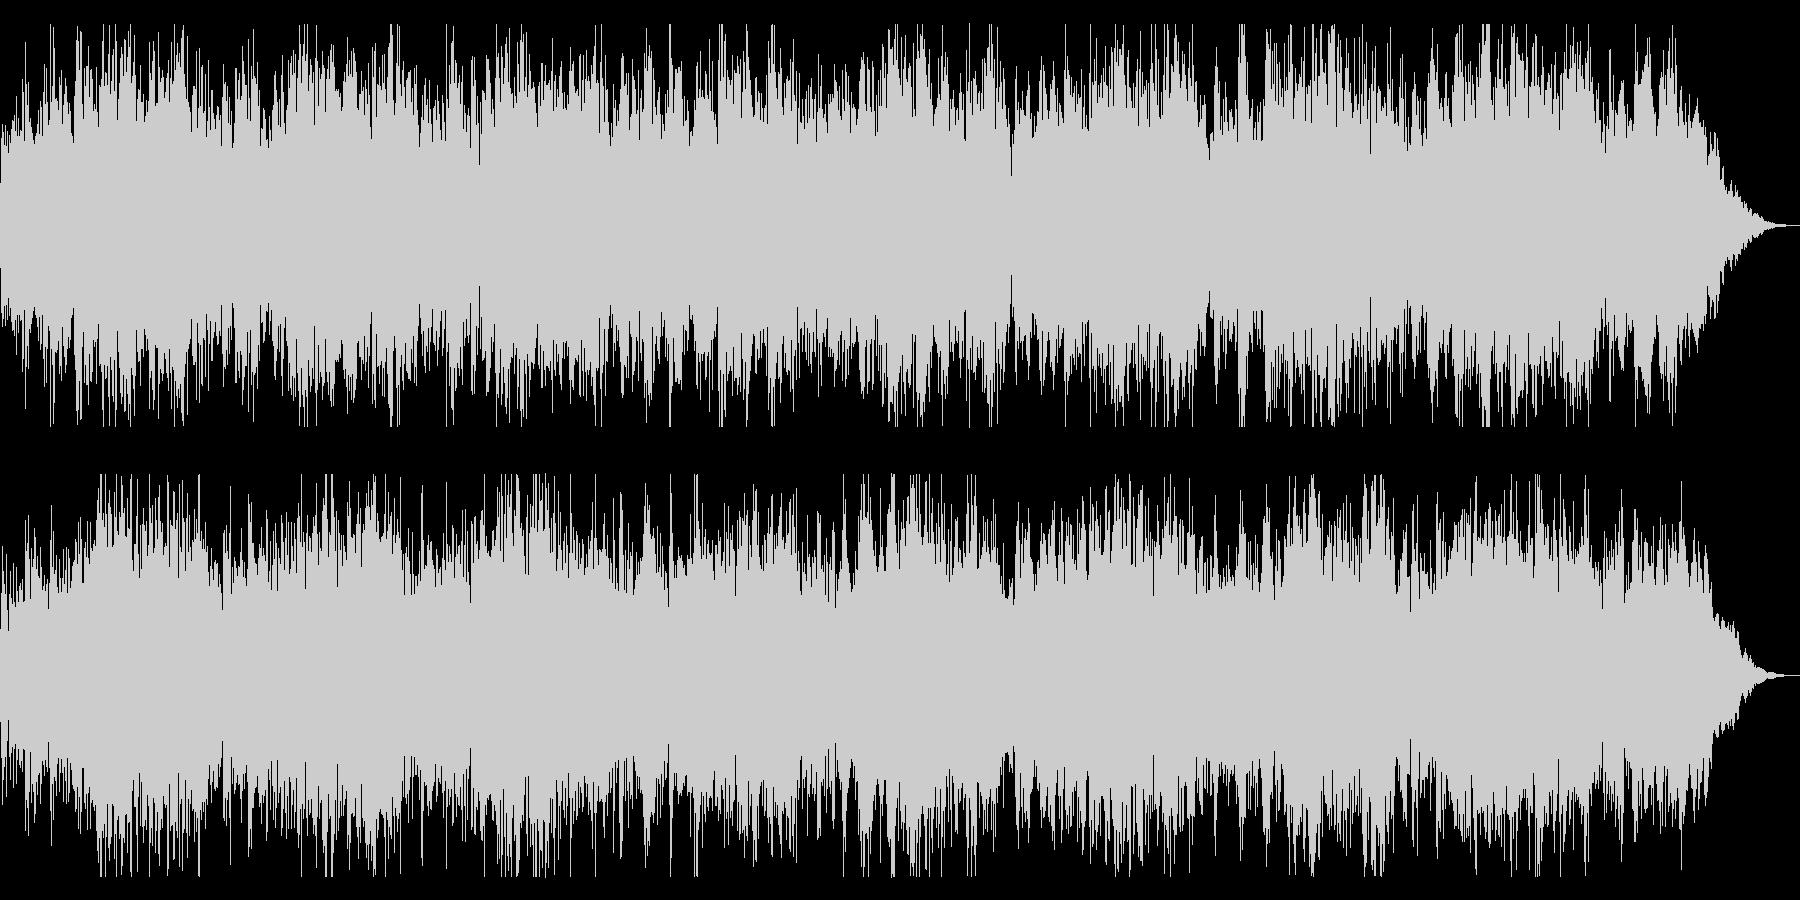 ダークでミステリアスなBGM 恐怖感演出の未再生の波形